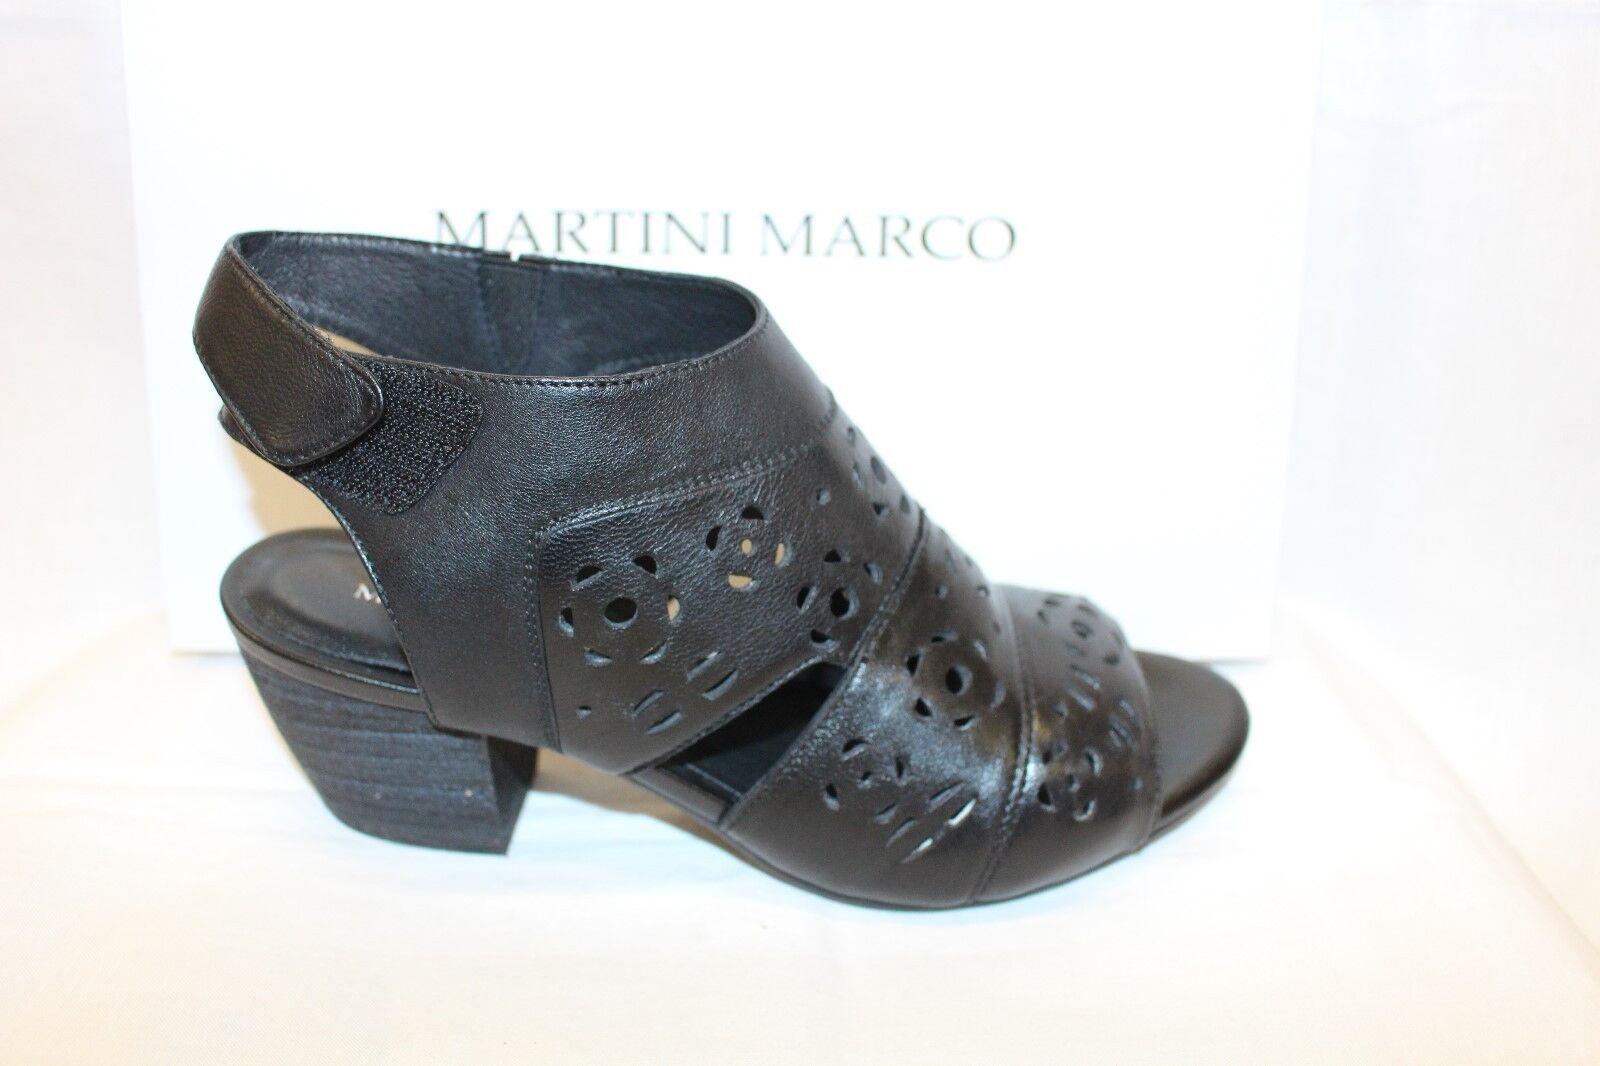 all'ingrosso a buon mercato LADIES  scarpe FOOTWEAR - - - Martini Marco Jarrah sandal nero  vendita online risparmia il 70%